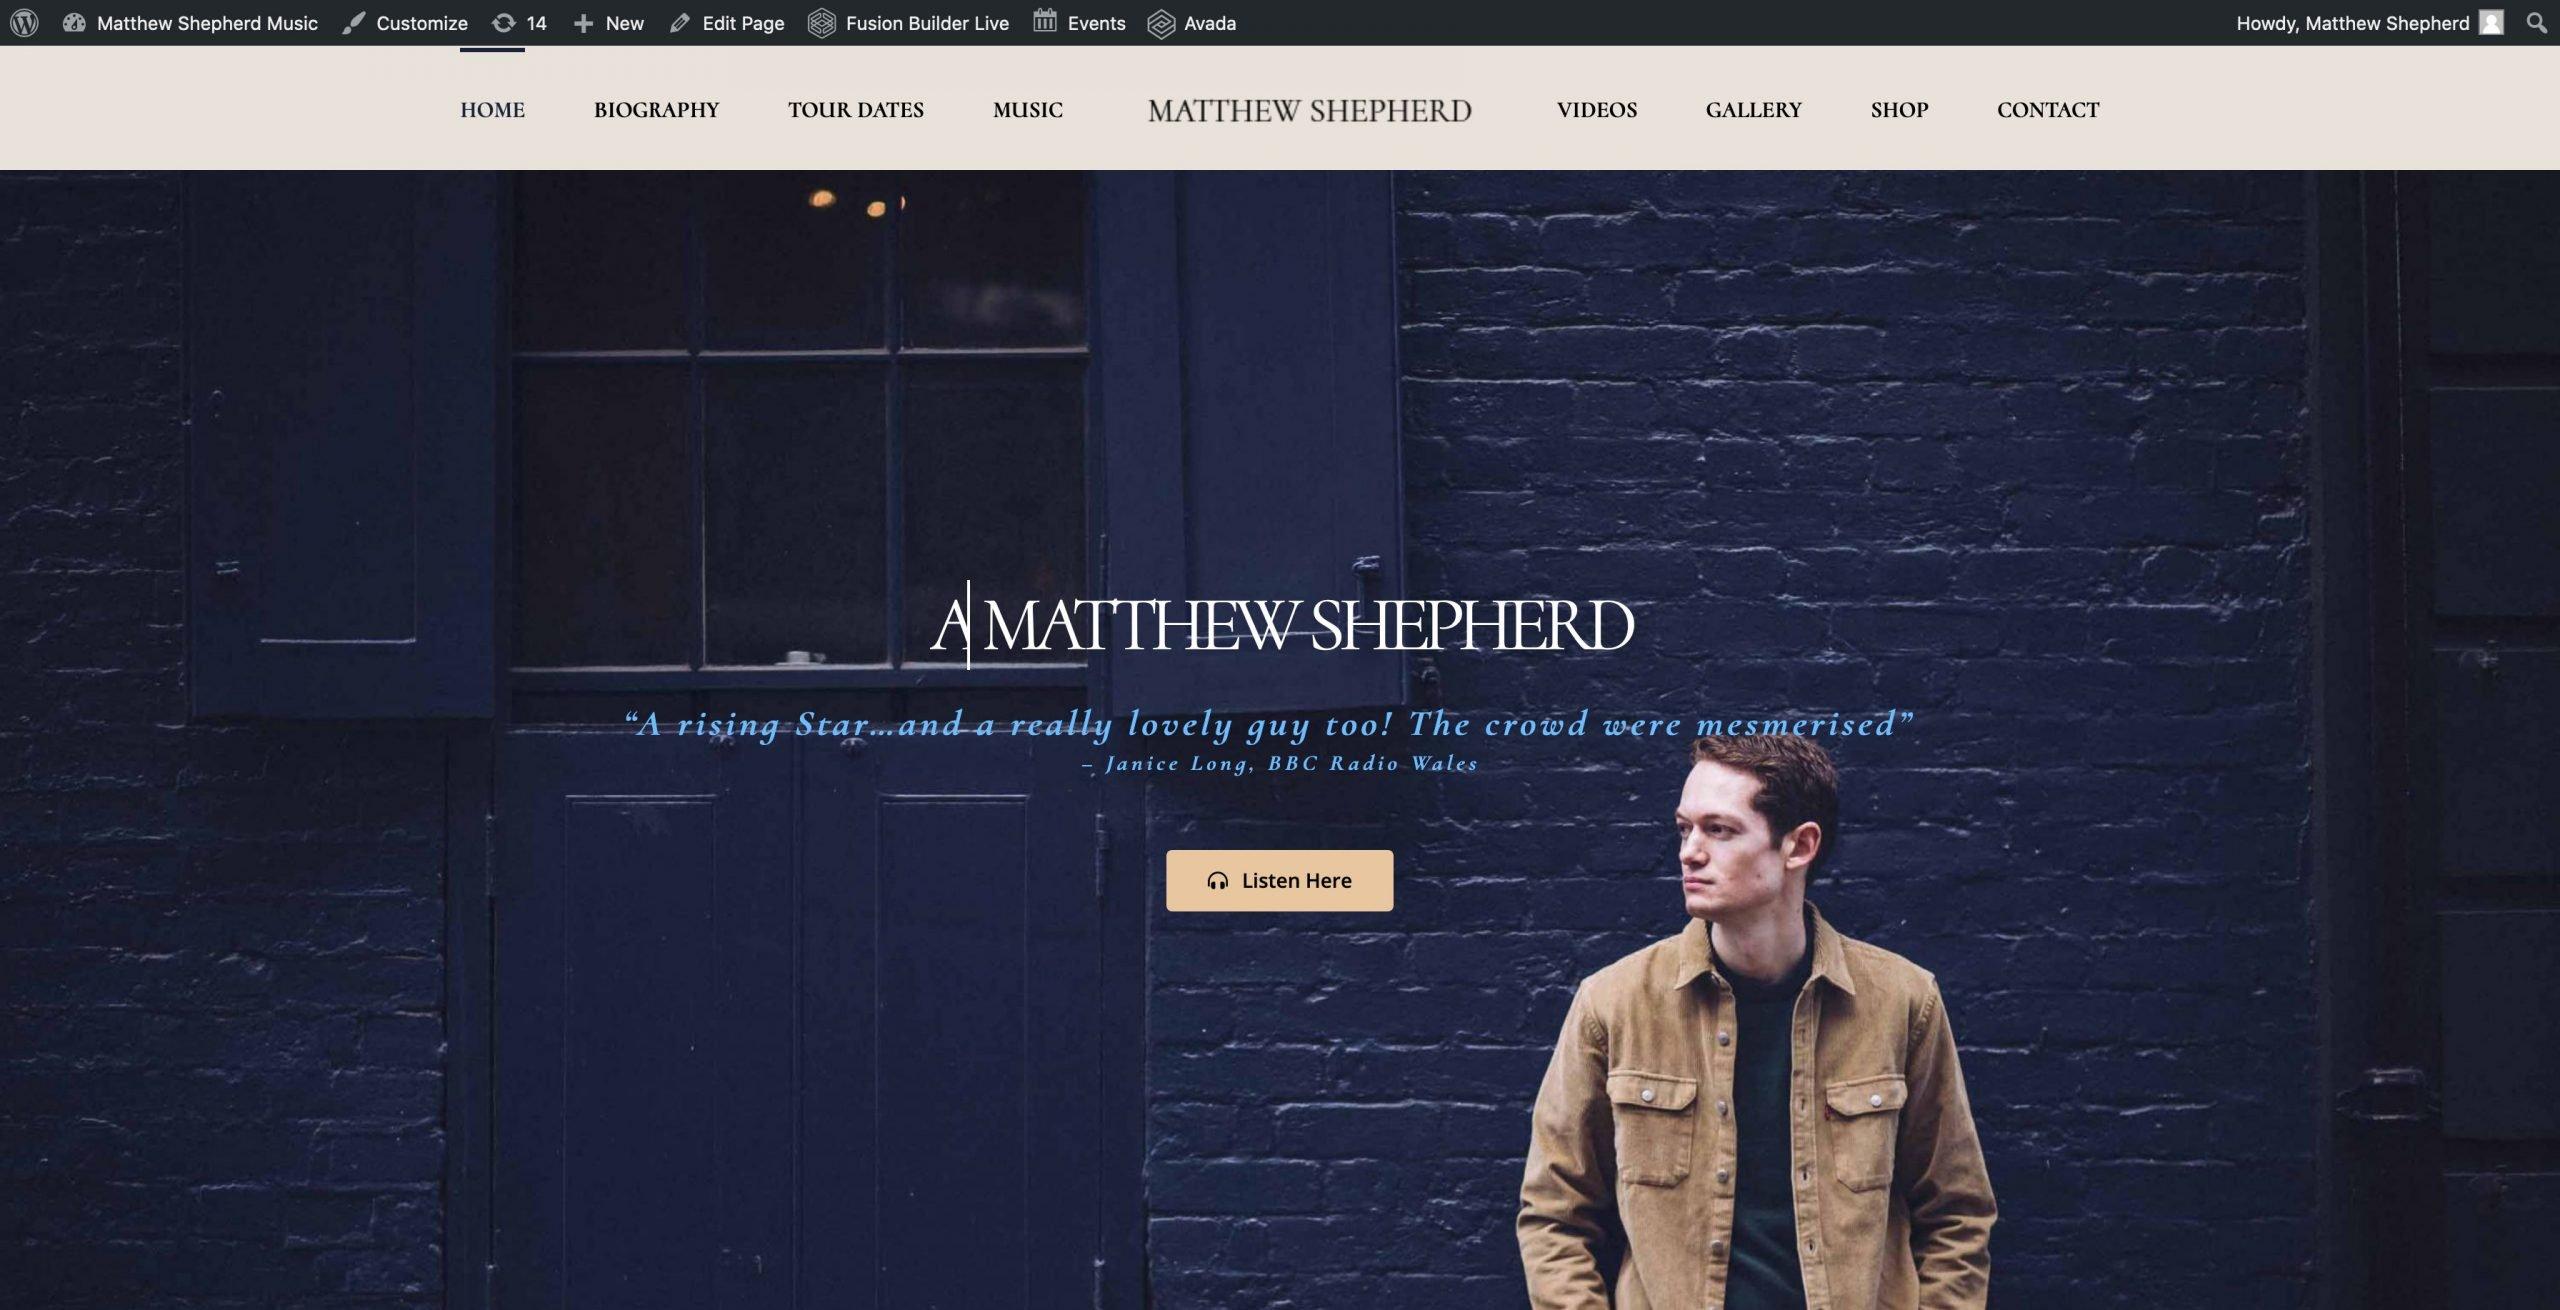 Matthew Shepherd Music Full Screen